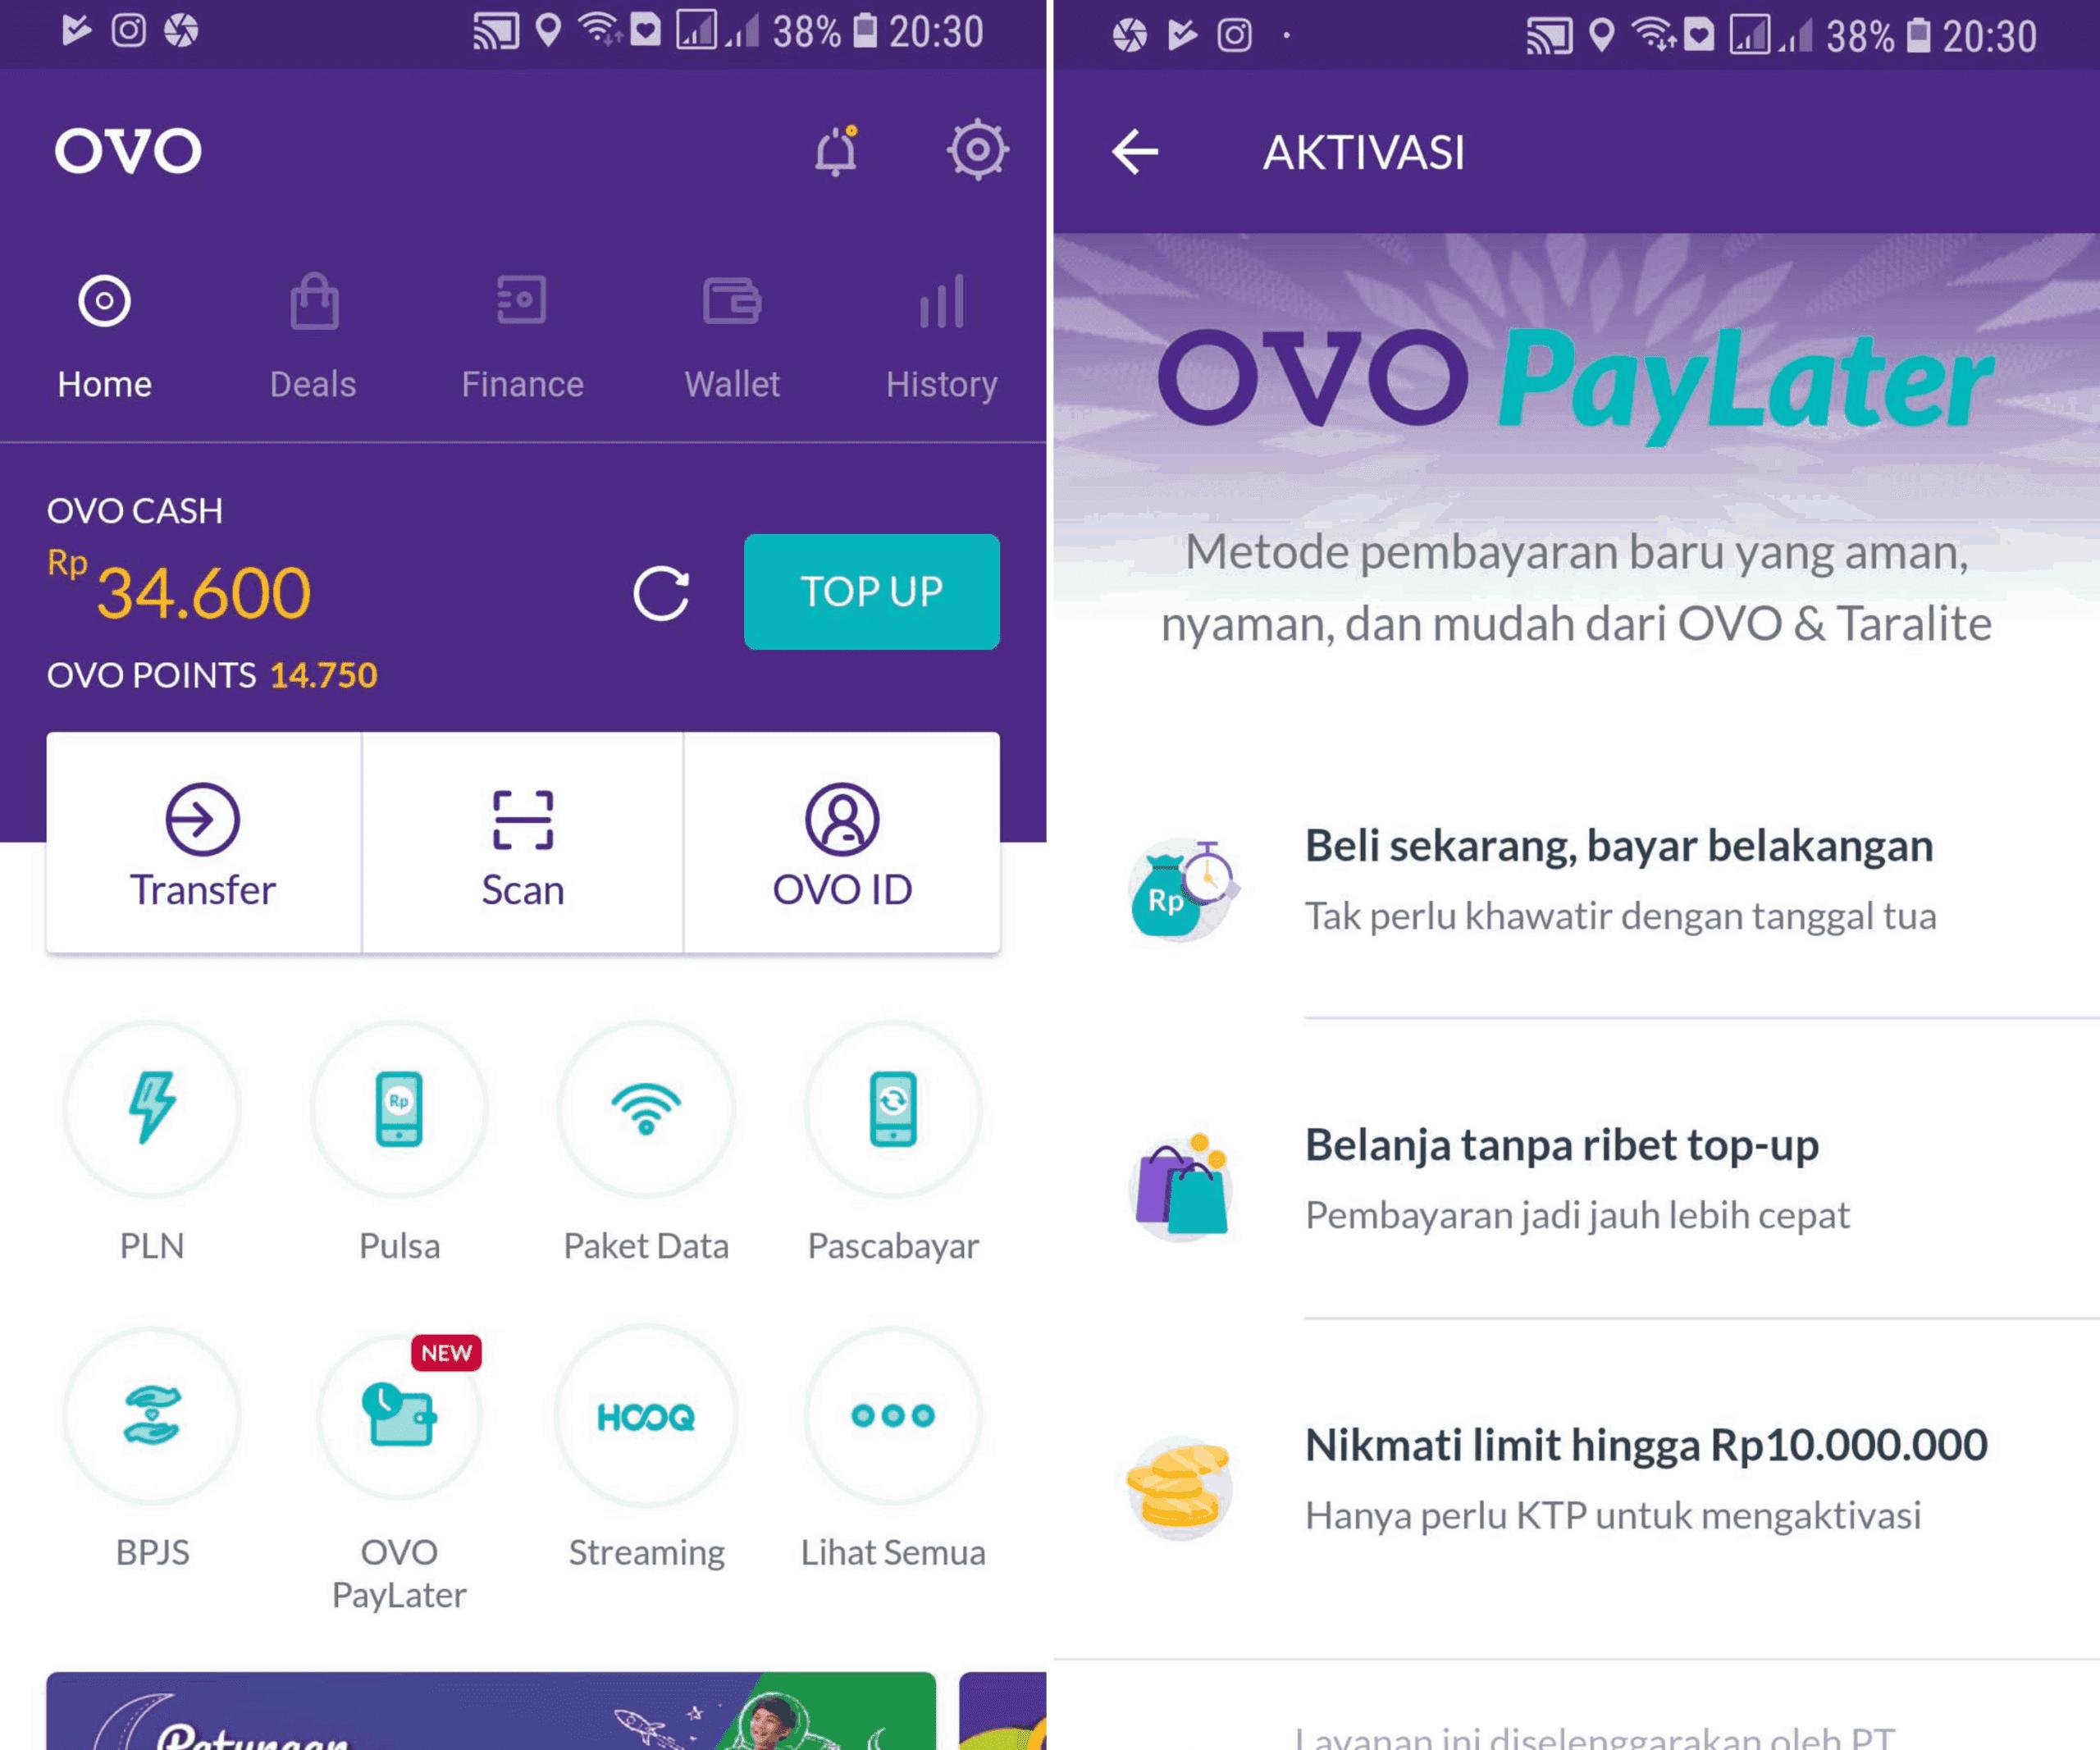 Daftar OVO PayLater